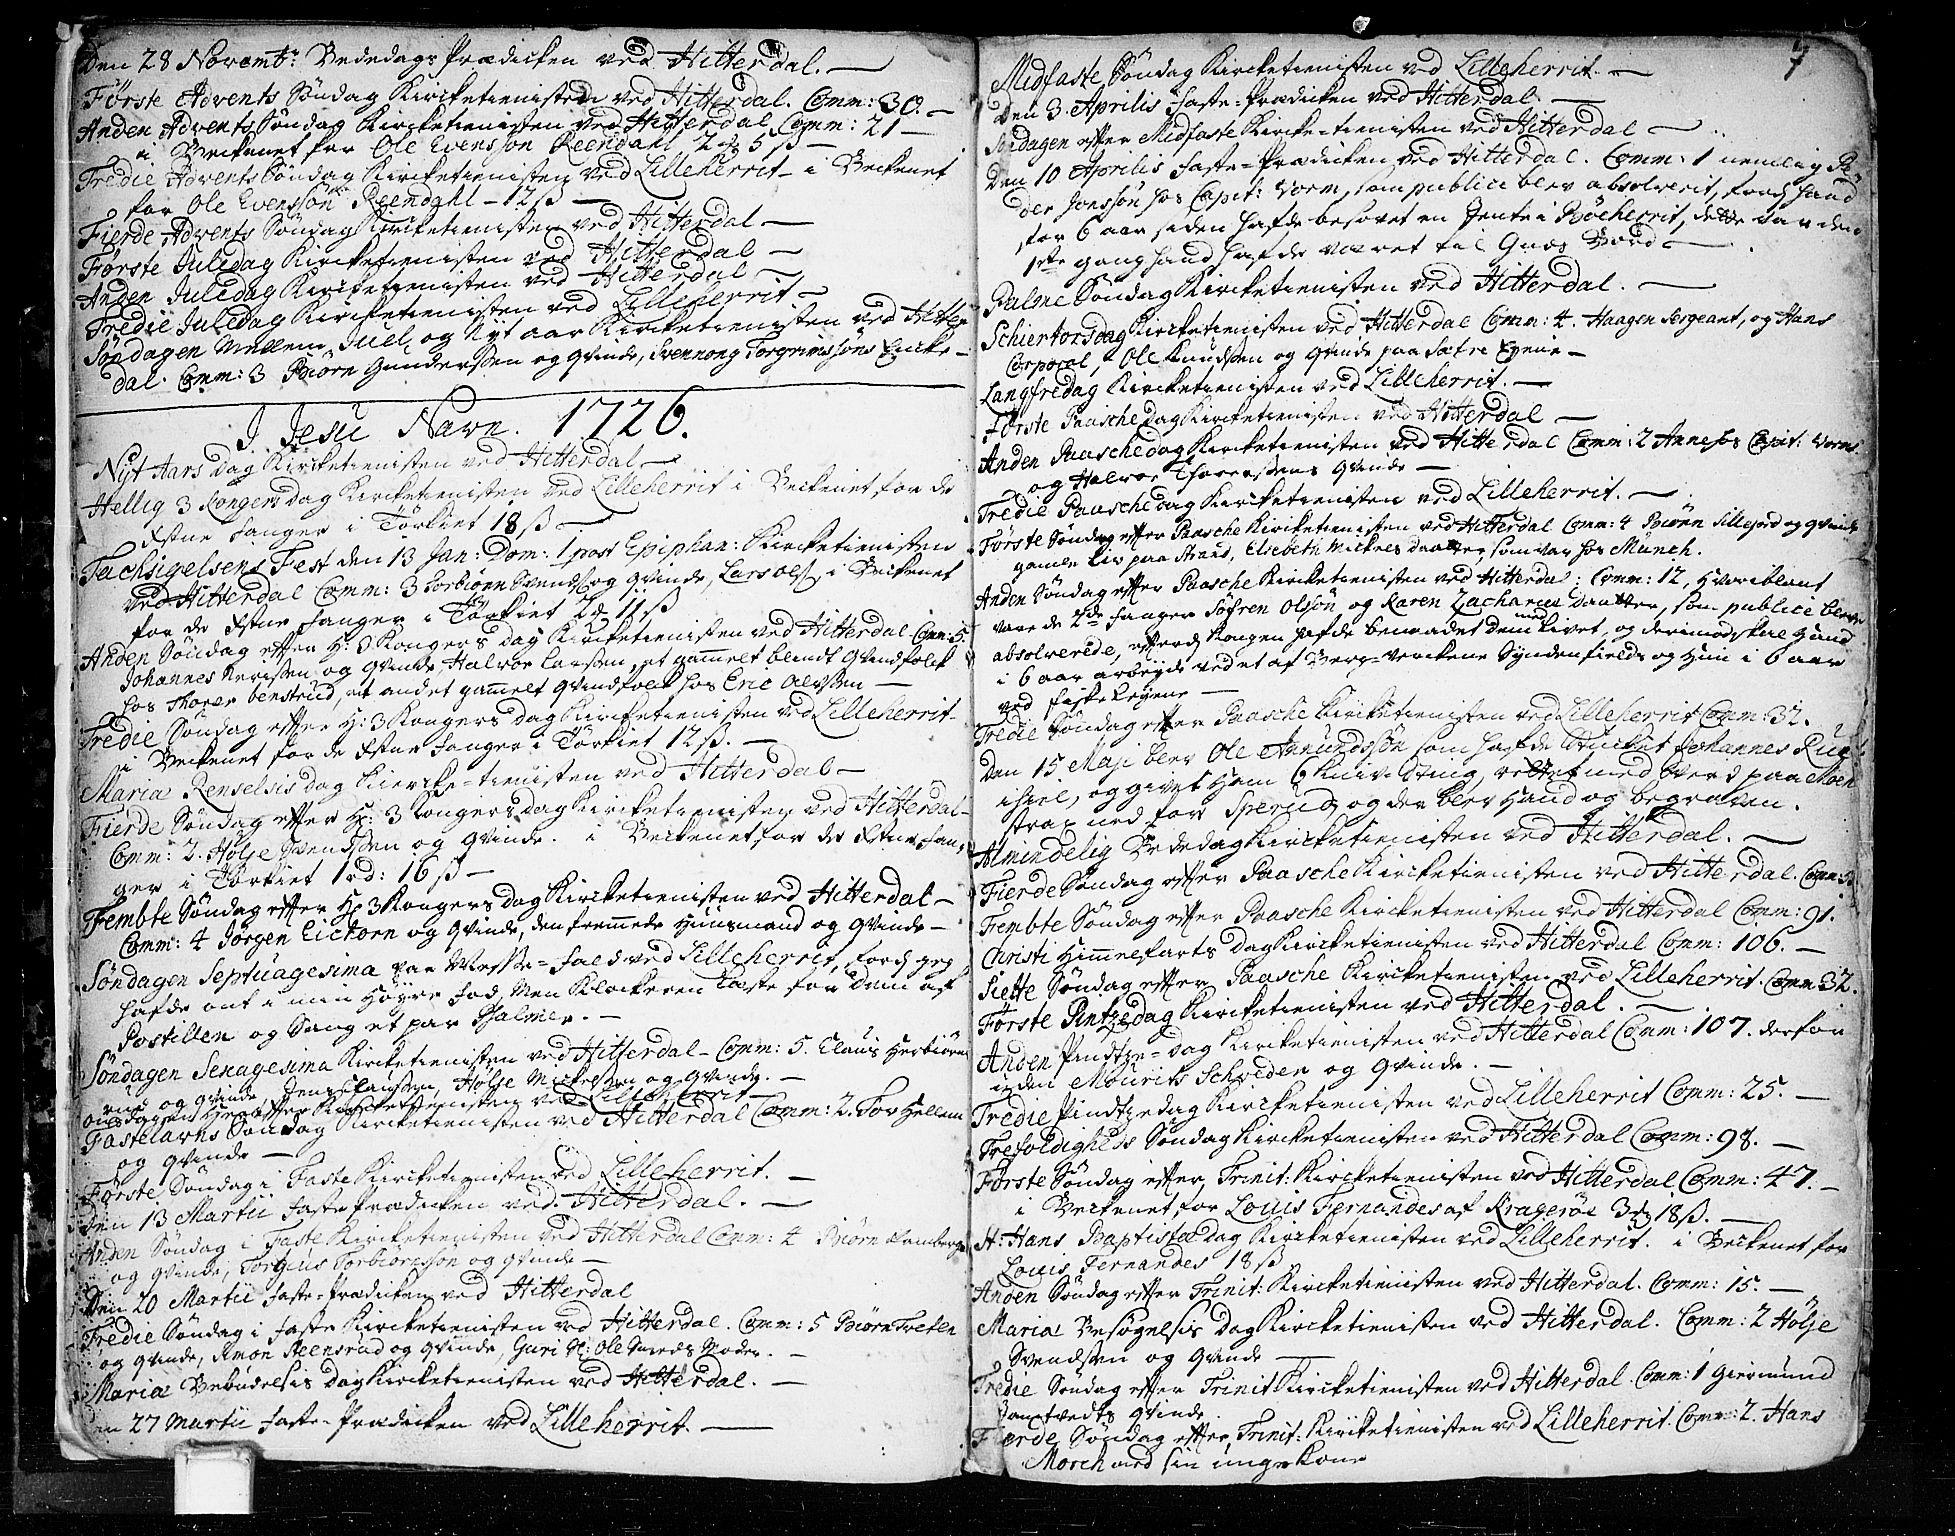 SAKO, Heddal kirkebøker, F/Fa/L0003: Ministerialbok nr. I 3, 1723-1783, s. 7